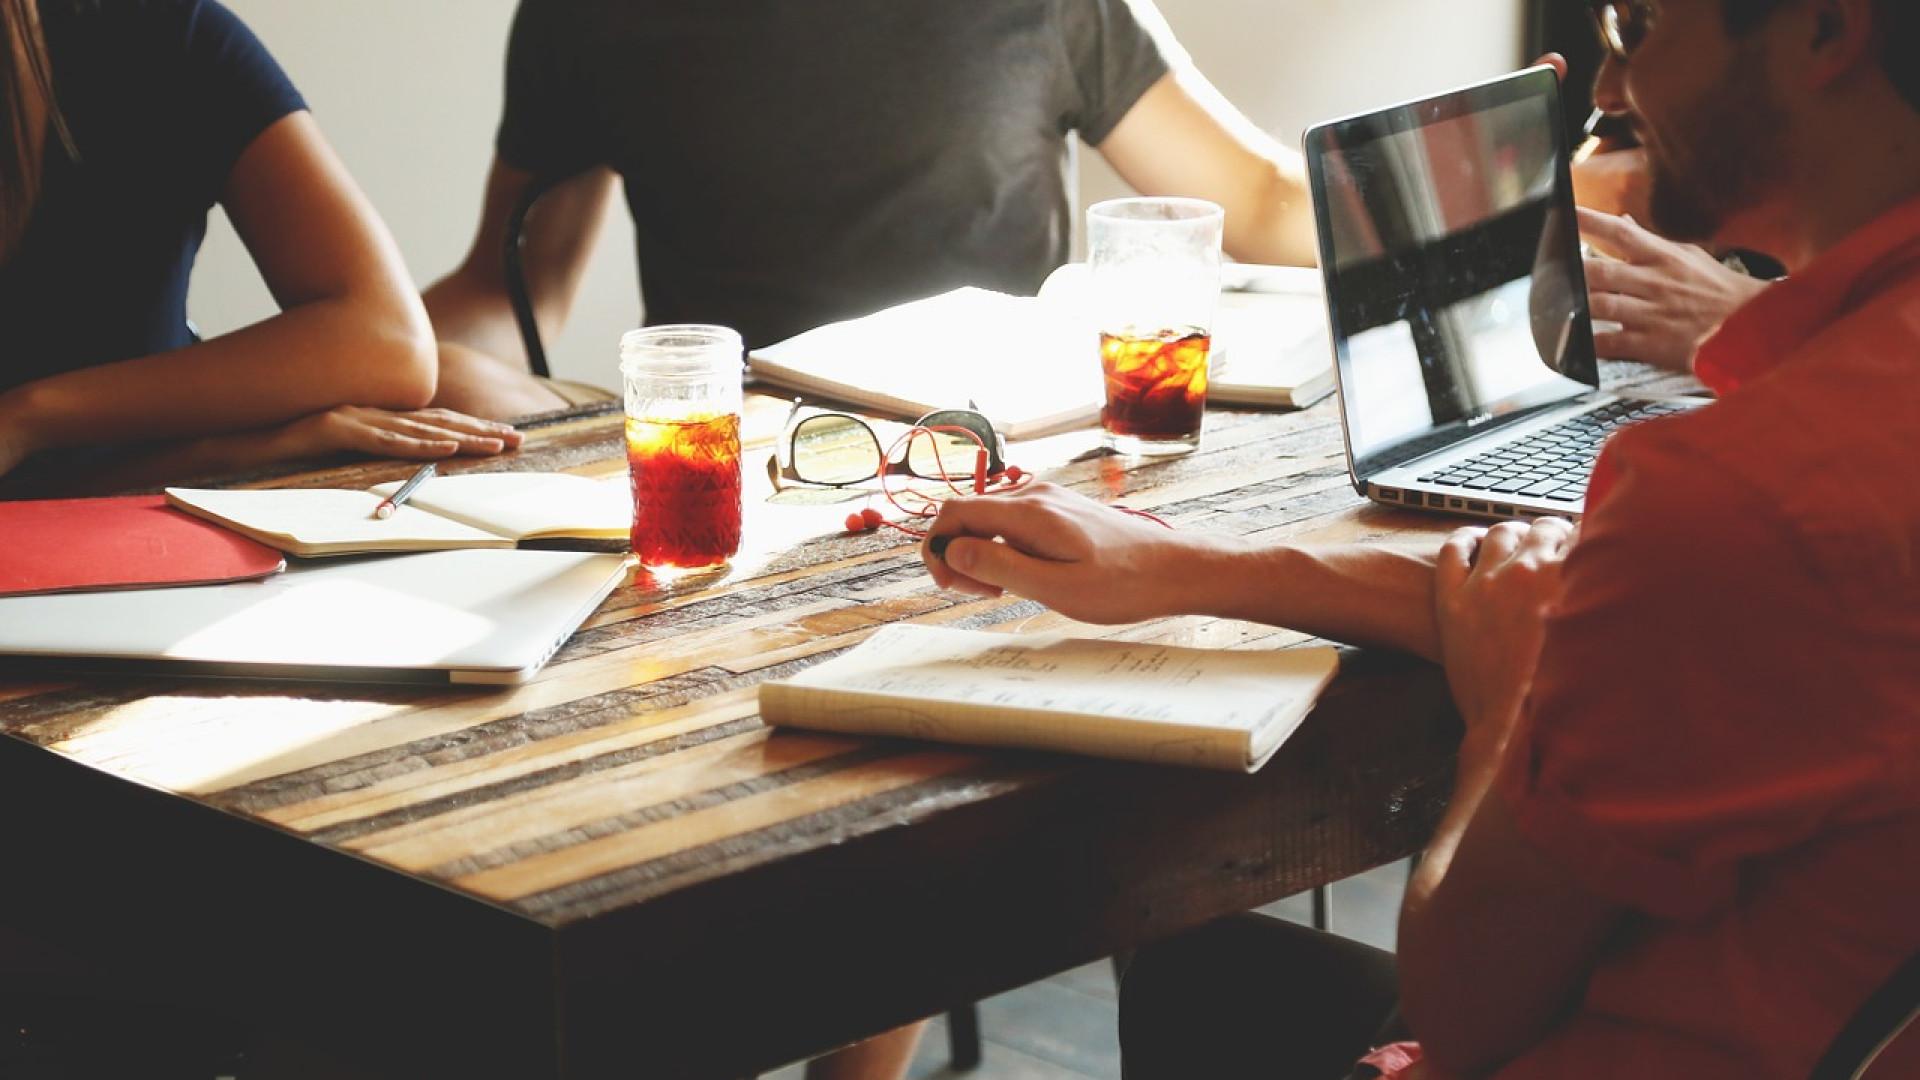 Le concept du coworking connaît un vrai succès